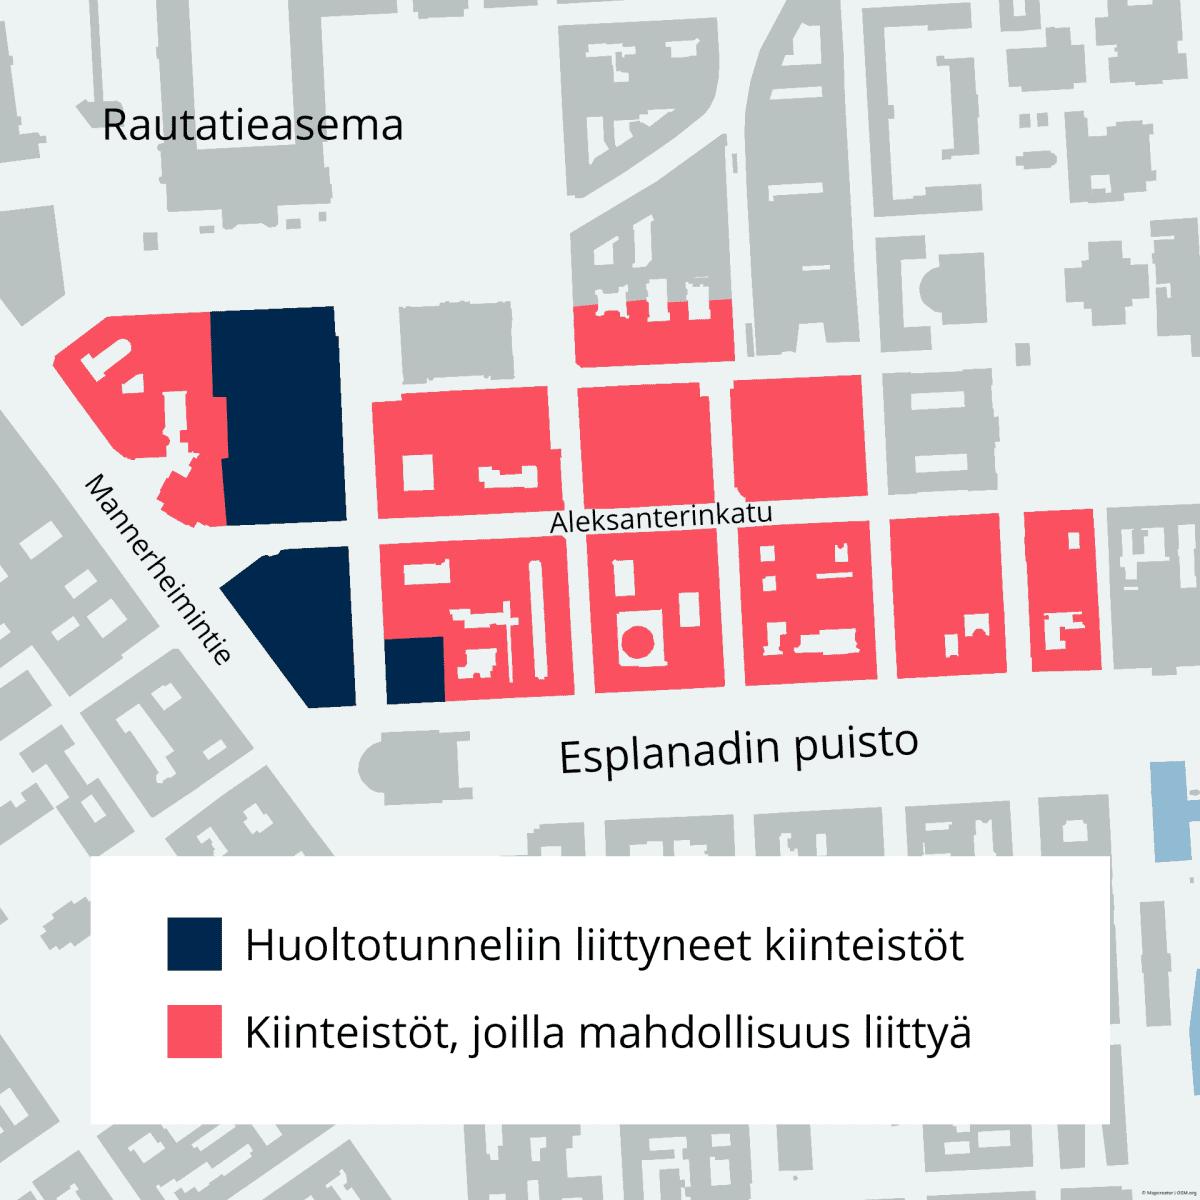 Karttakuva, jossa Aleksanterin kadun ympäristön kiinteistöistä vain pieni osa on merkattu sinisellä värillä, eli ne ovat liityneet huoltotunneliin. Suurin osa kiinteistöistä on punaisella, eli heillä olisi mahdollisuus liittyä, mutta ne eivät sitä ole tehneet.